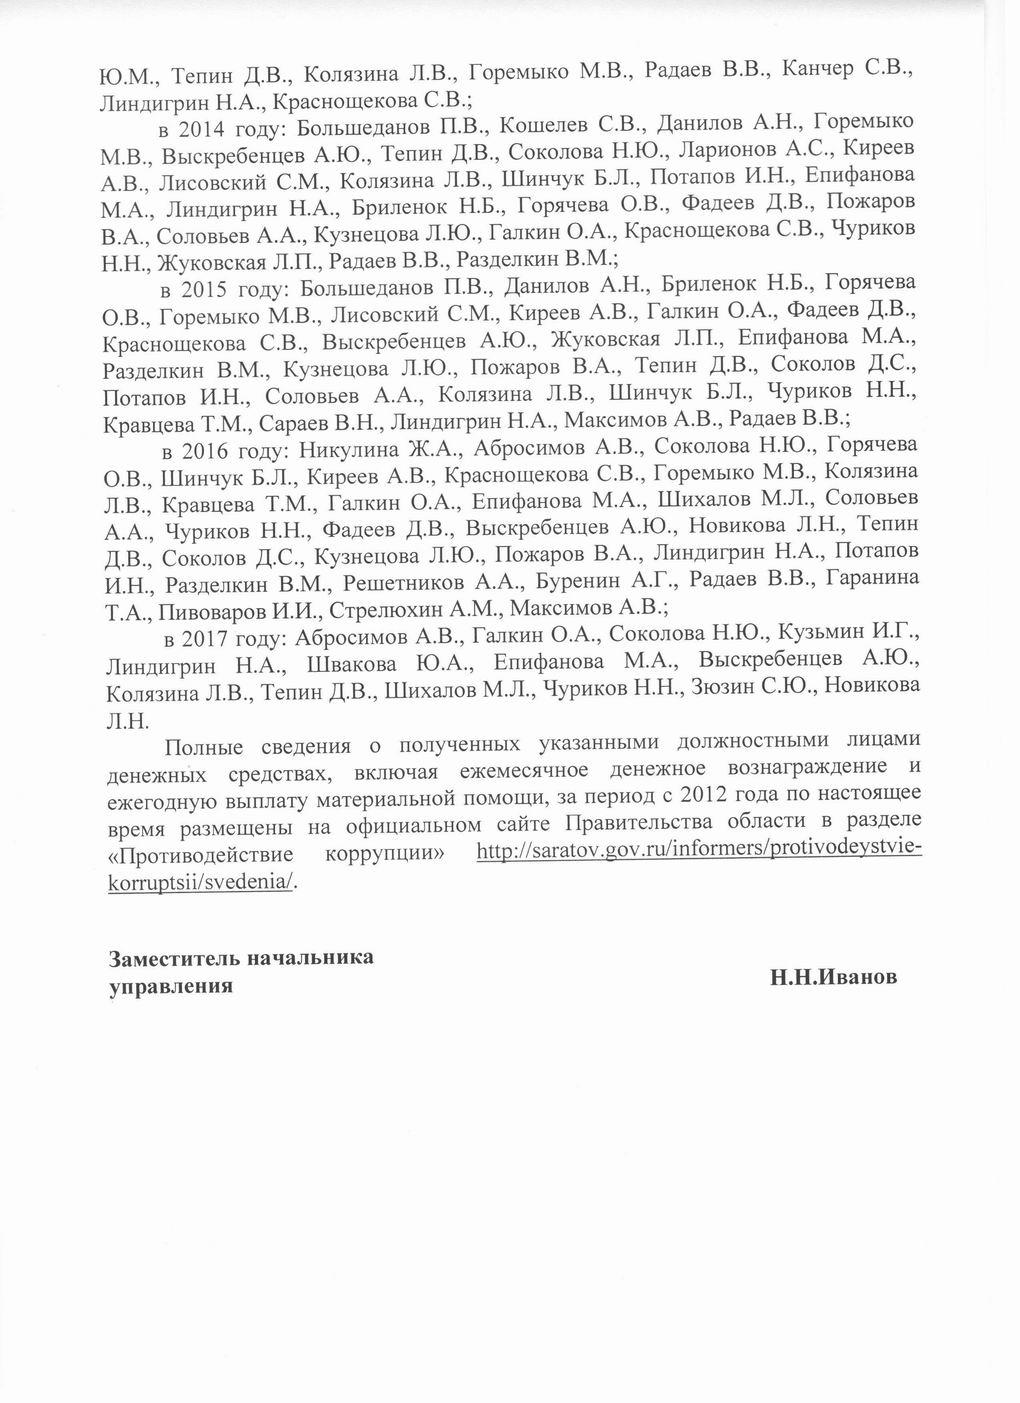 20170602_10-06-Валерий Радаев ежегодно получает матпомощь за счет бюджета-pic3